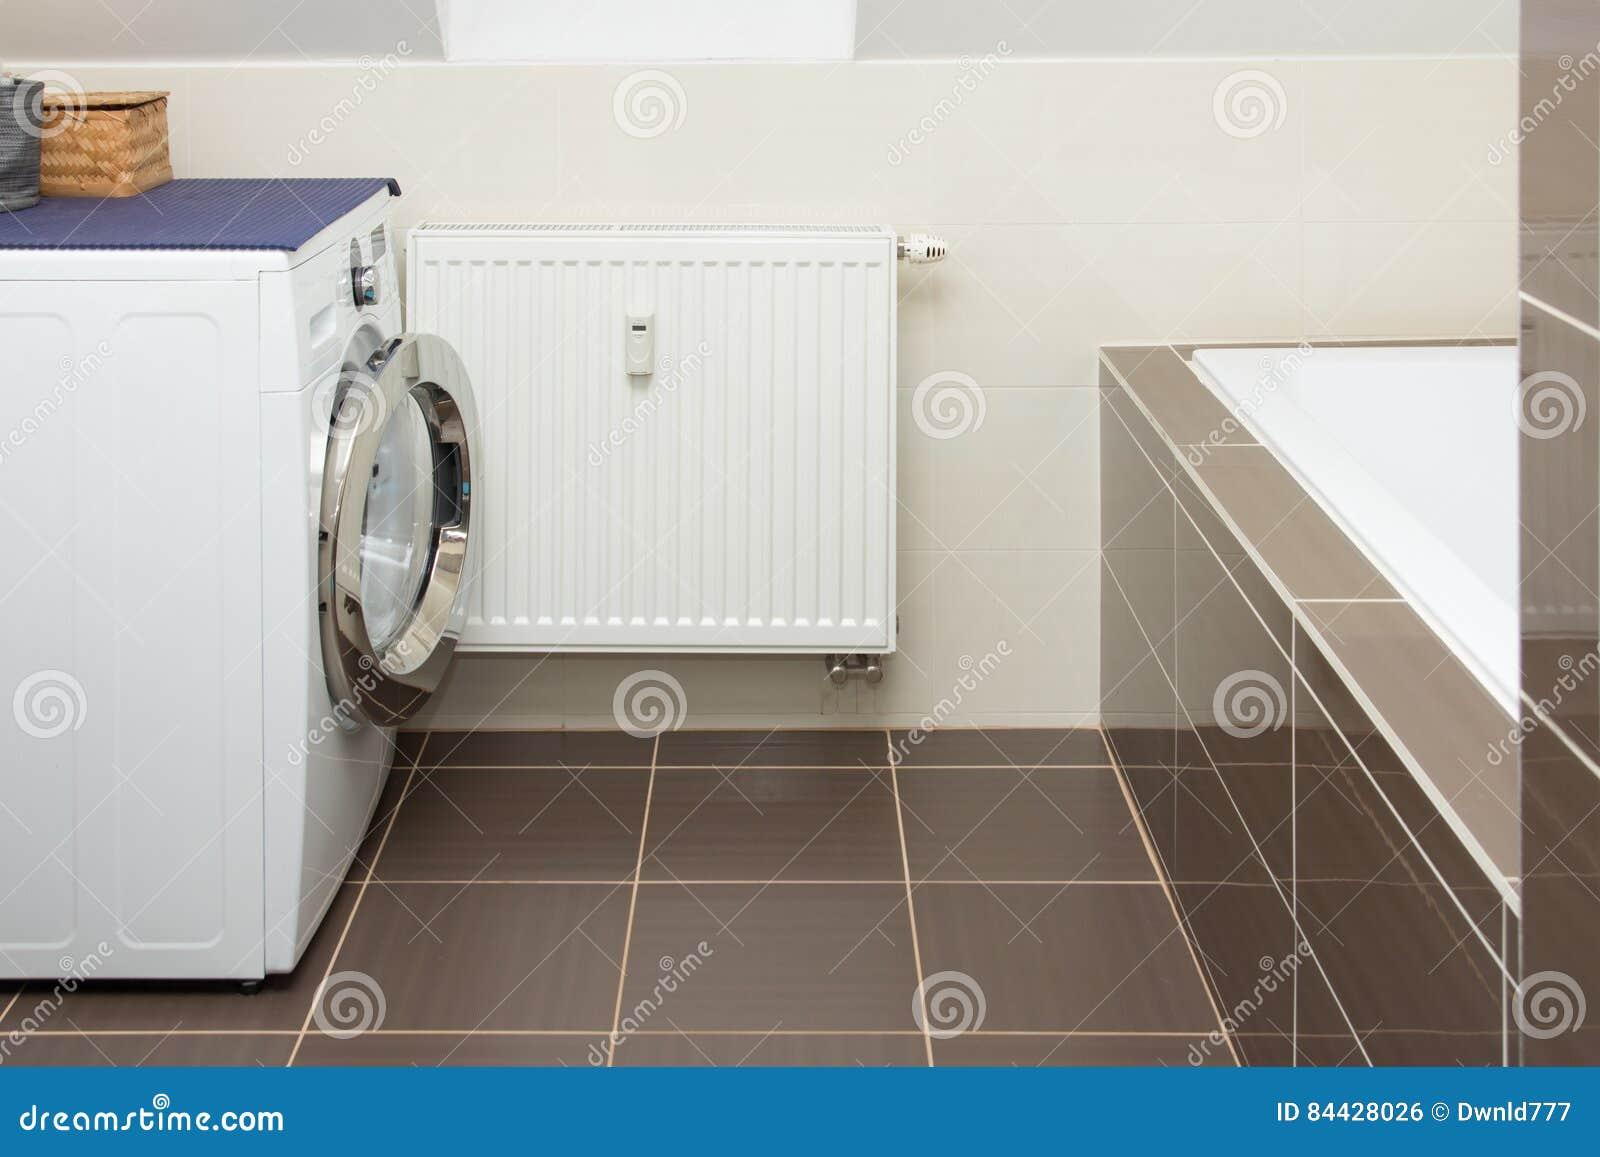 Lavadora en cuarto de baño foto de archivo. Imagen de azulejo - 84428026